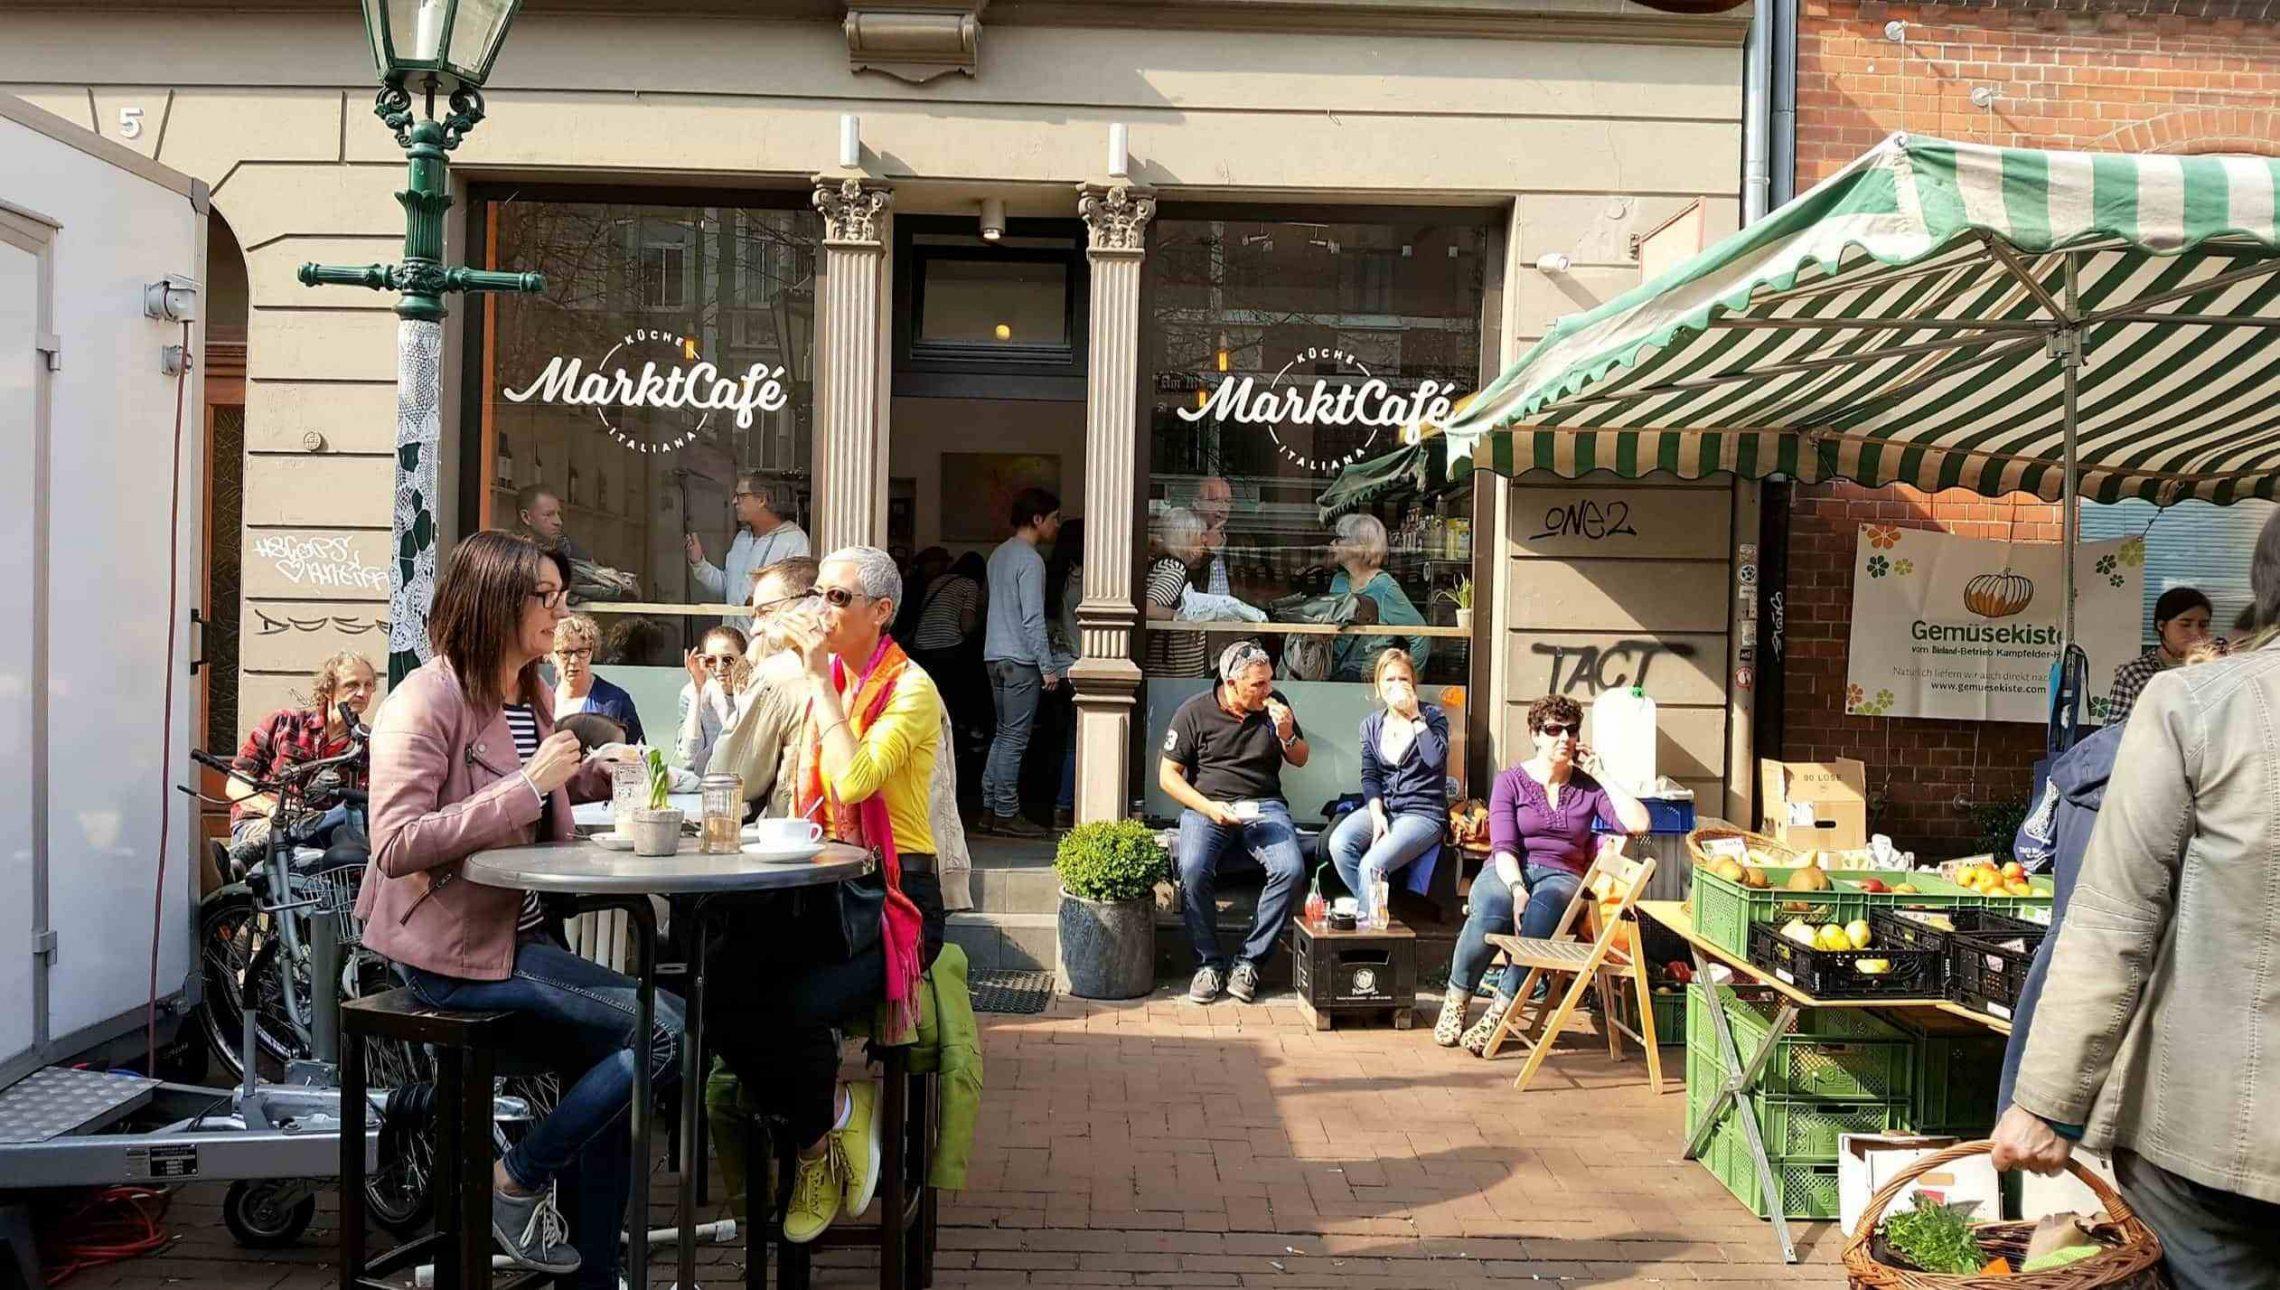 style hannover marktcafe 8 - La dolce vita im MarktCafé Linden